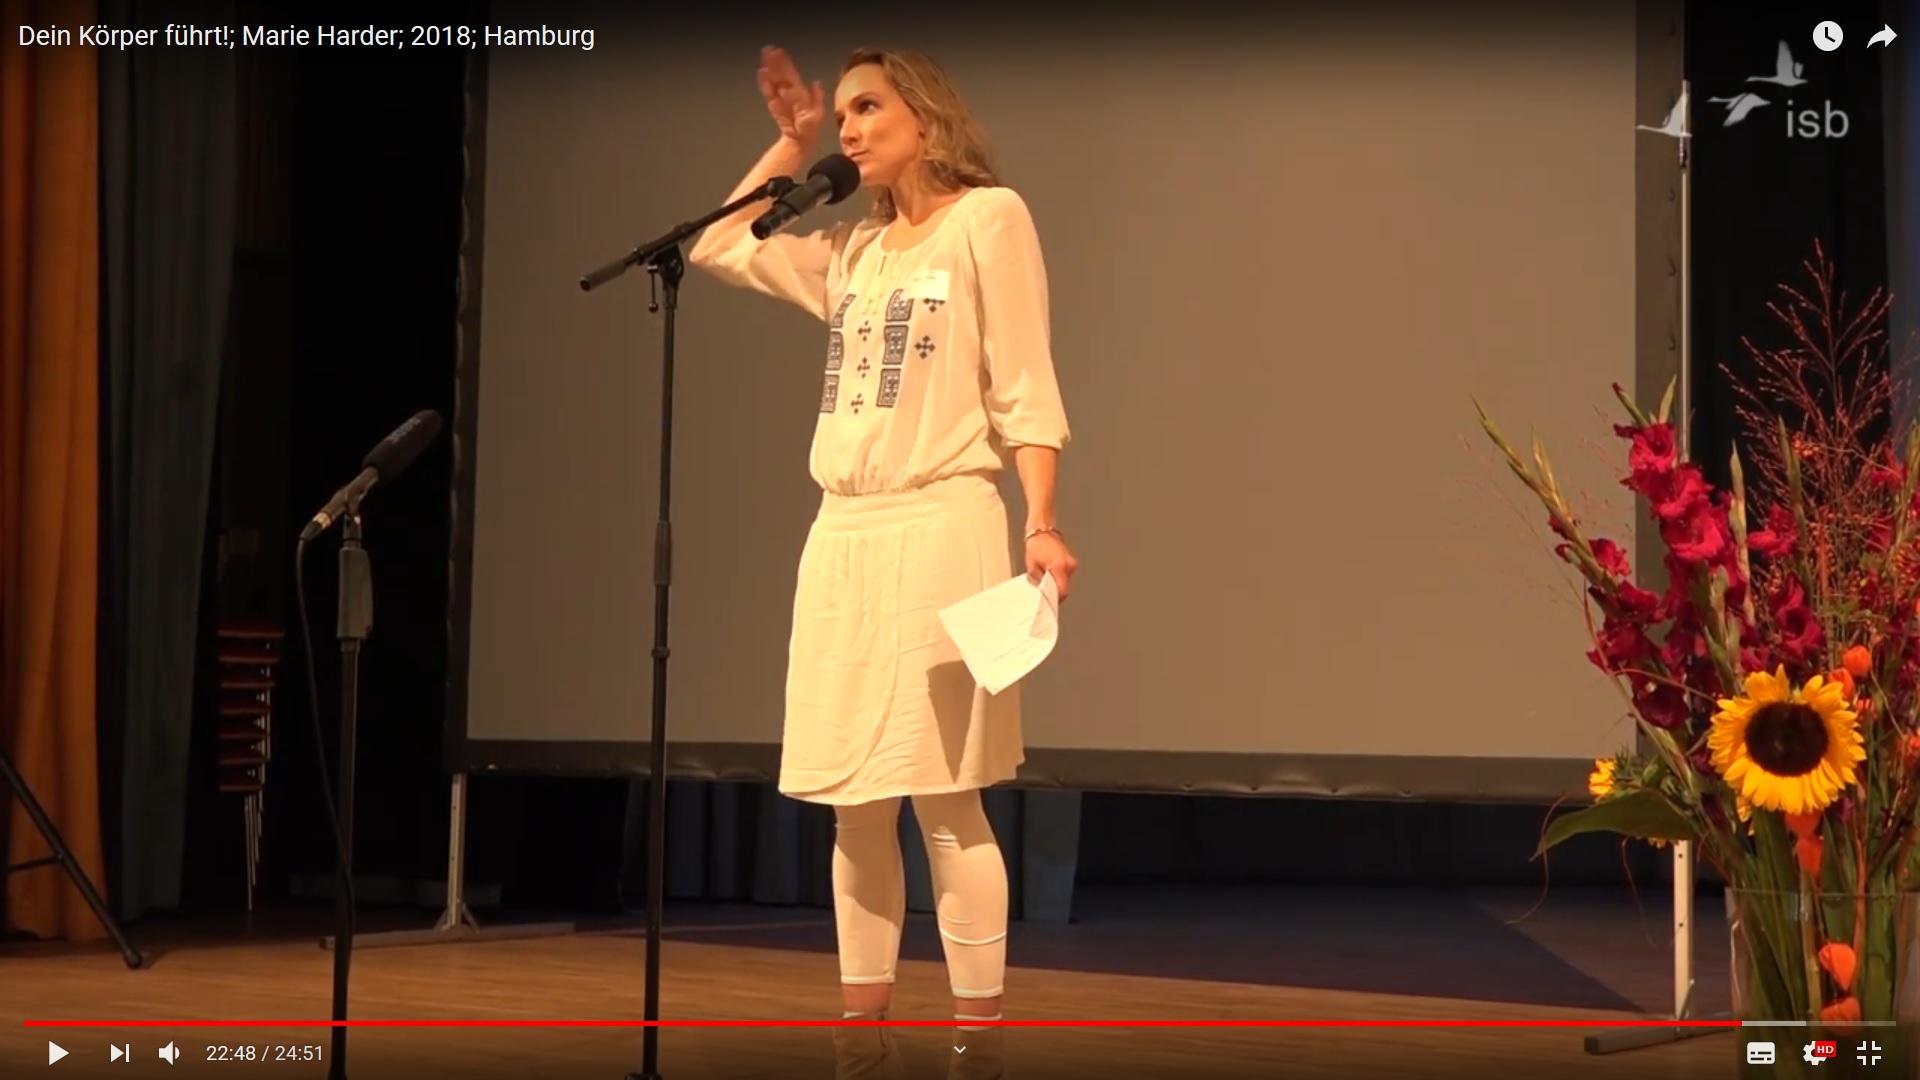 Marie Harder: Dein Körper führt!